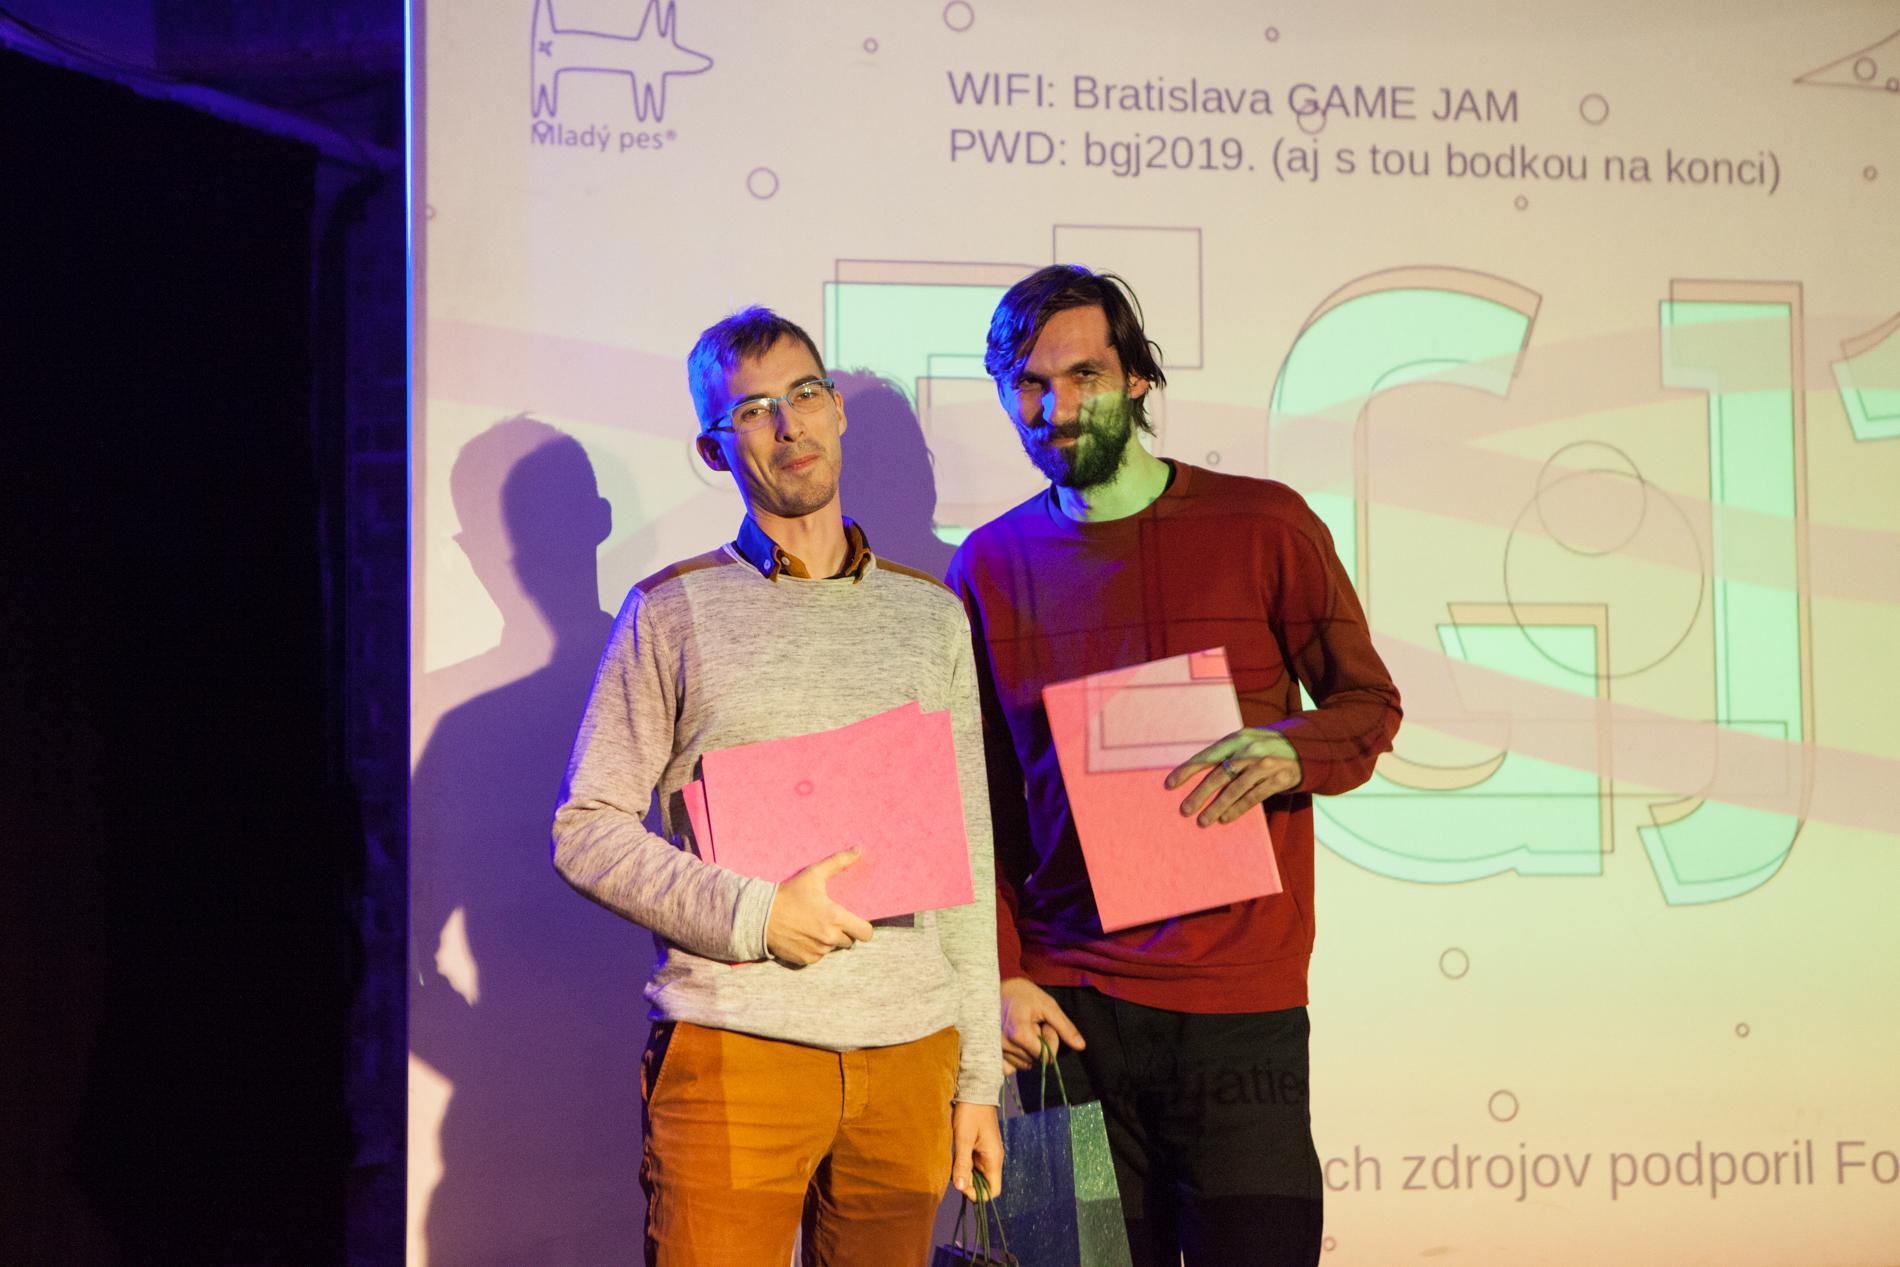 GameJam2019poslednydenFB-26